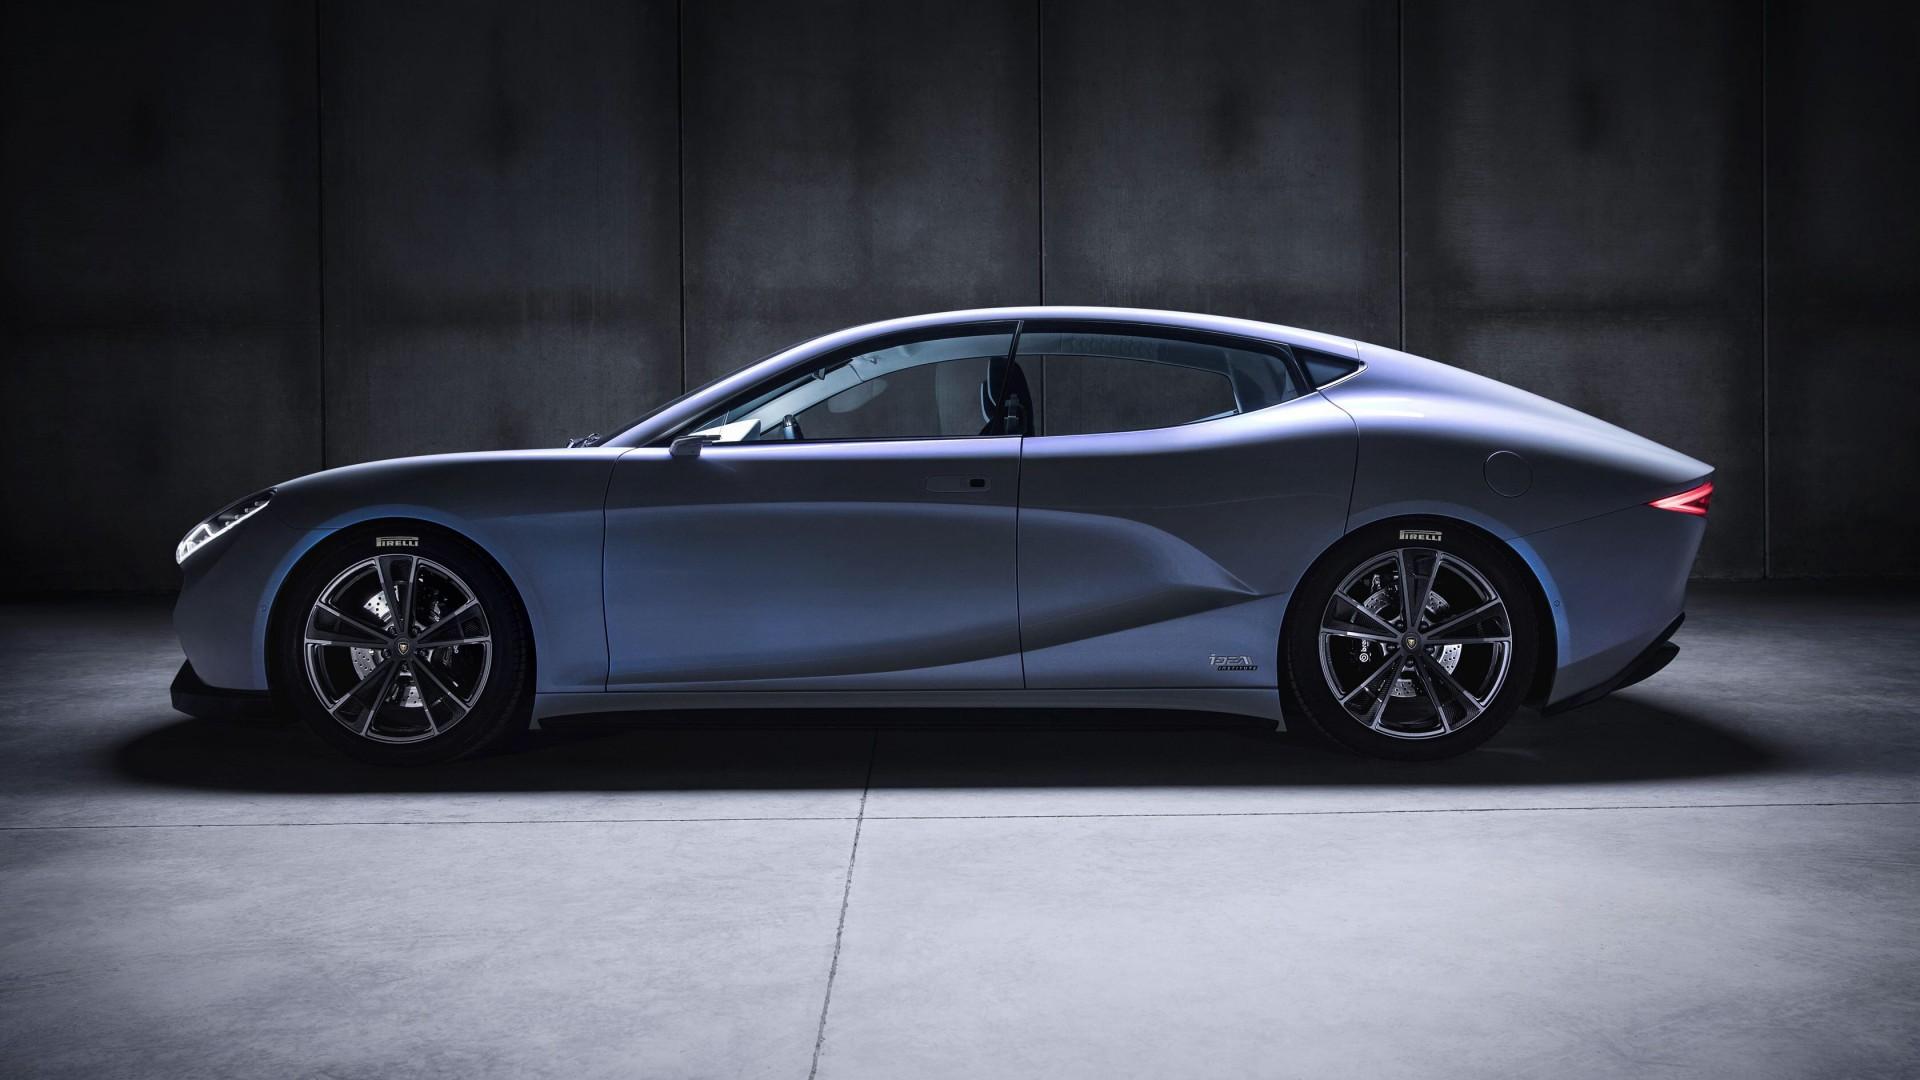 2018 Best Car Wallpapers: 2018 LVCHI Venere Electric Concept Car Wallpaper